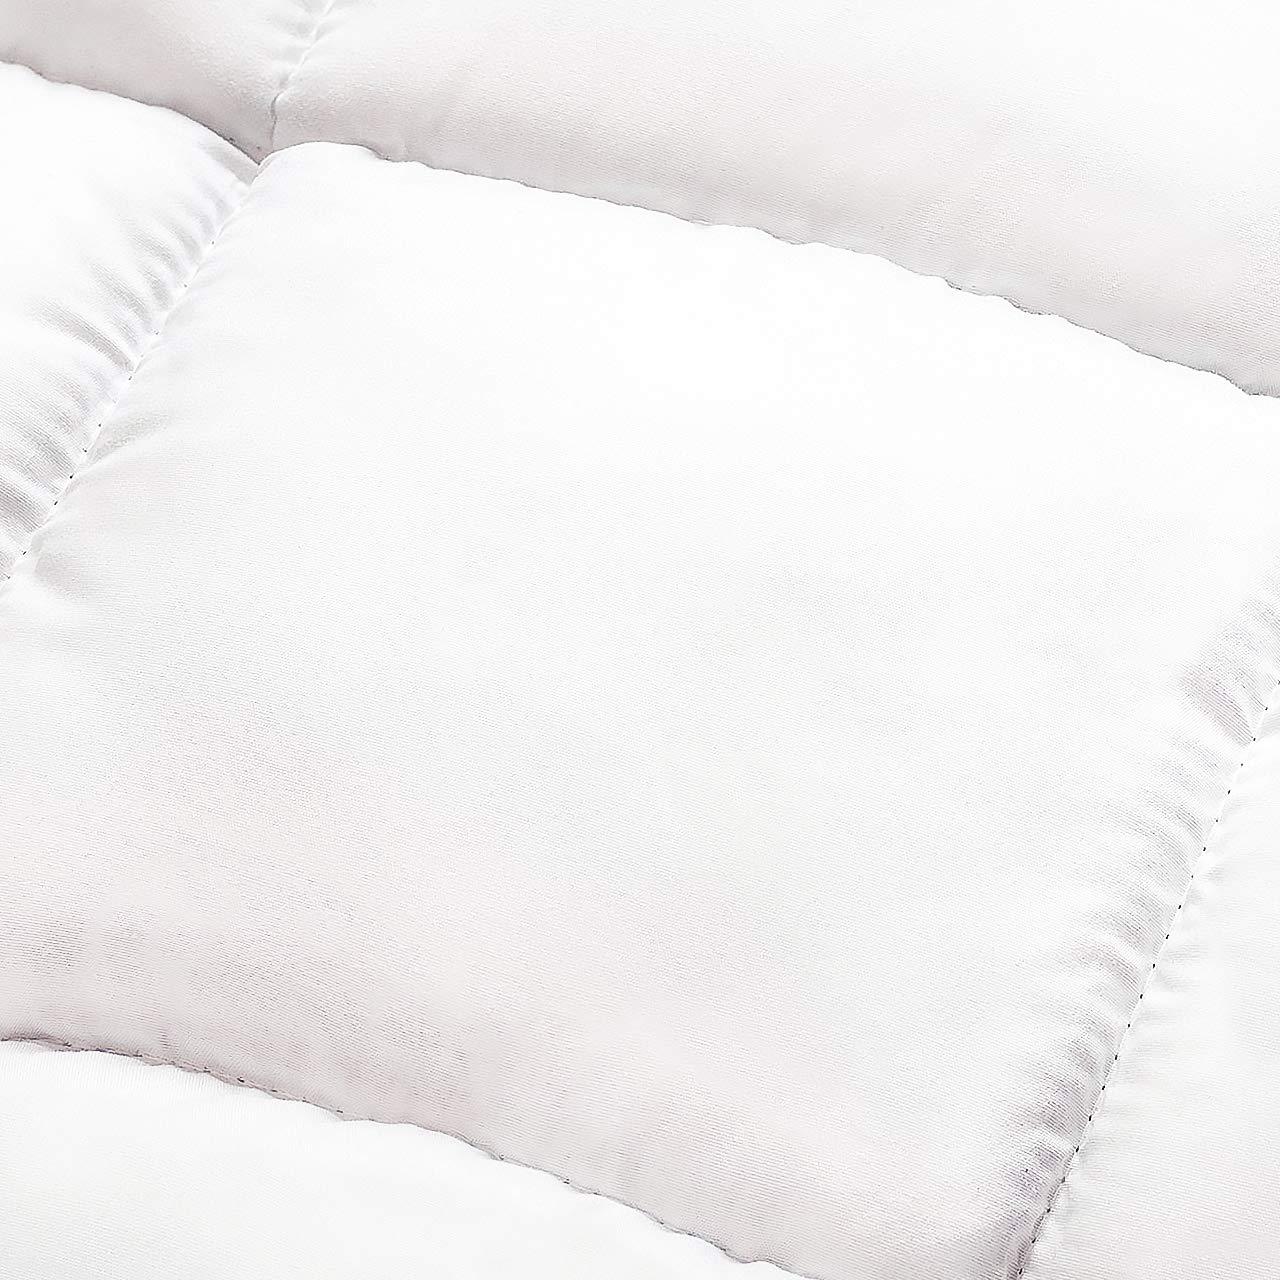 Lumaland Funda de colchón en Microfibra con esquinas100x200 cm: Amazon.es: Hogar